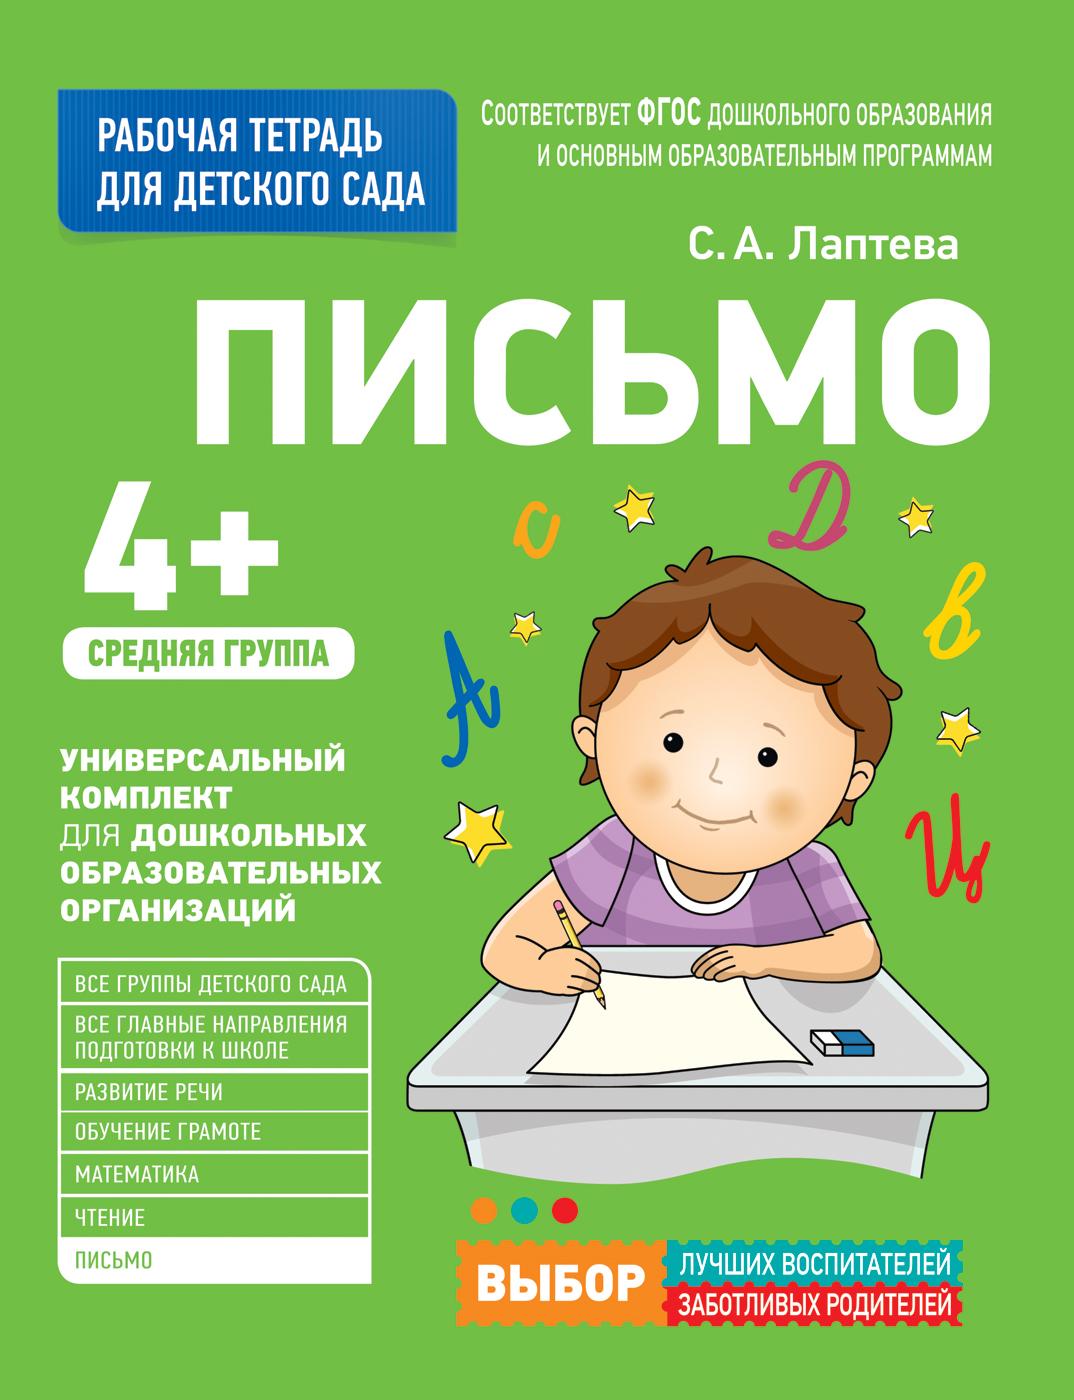 Лаптева С. А. Для детского сада. Письмо. Средняя группа. Рабочая тетрадь